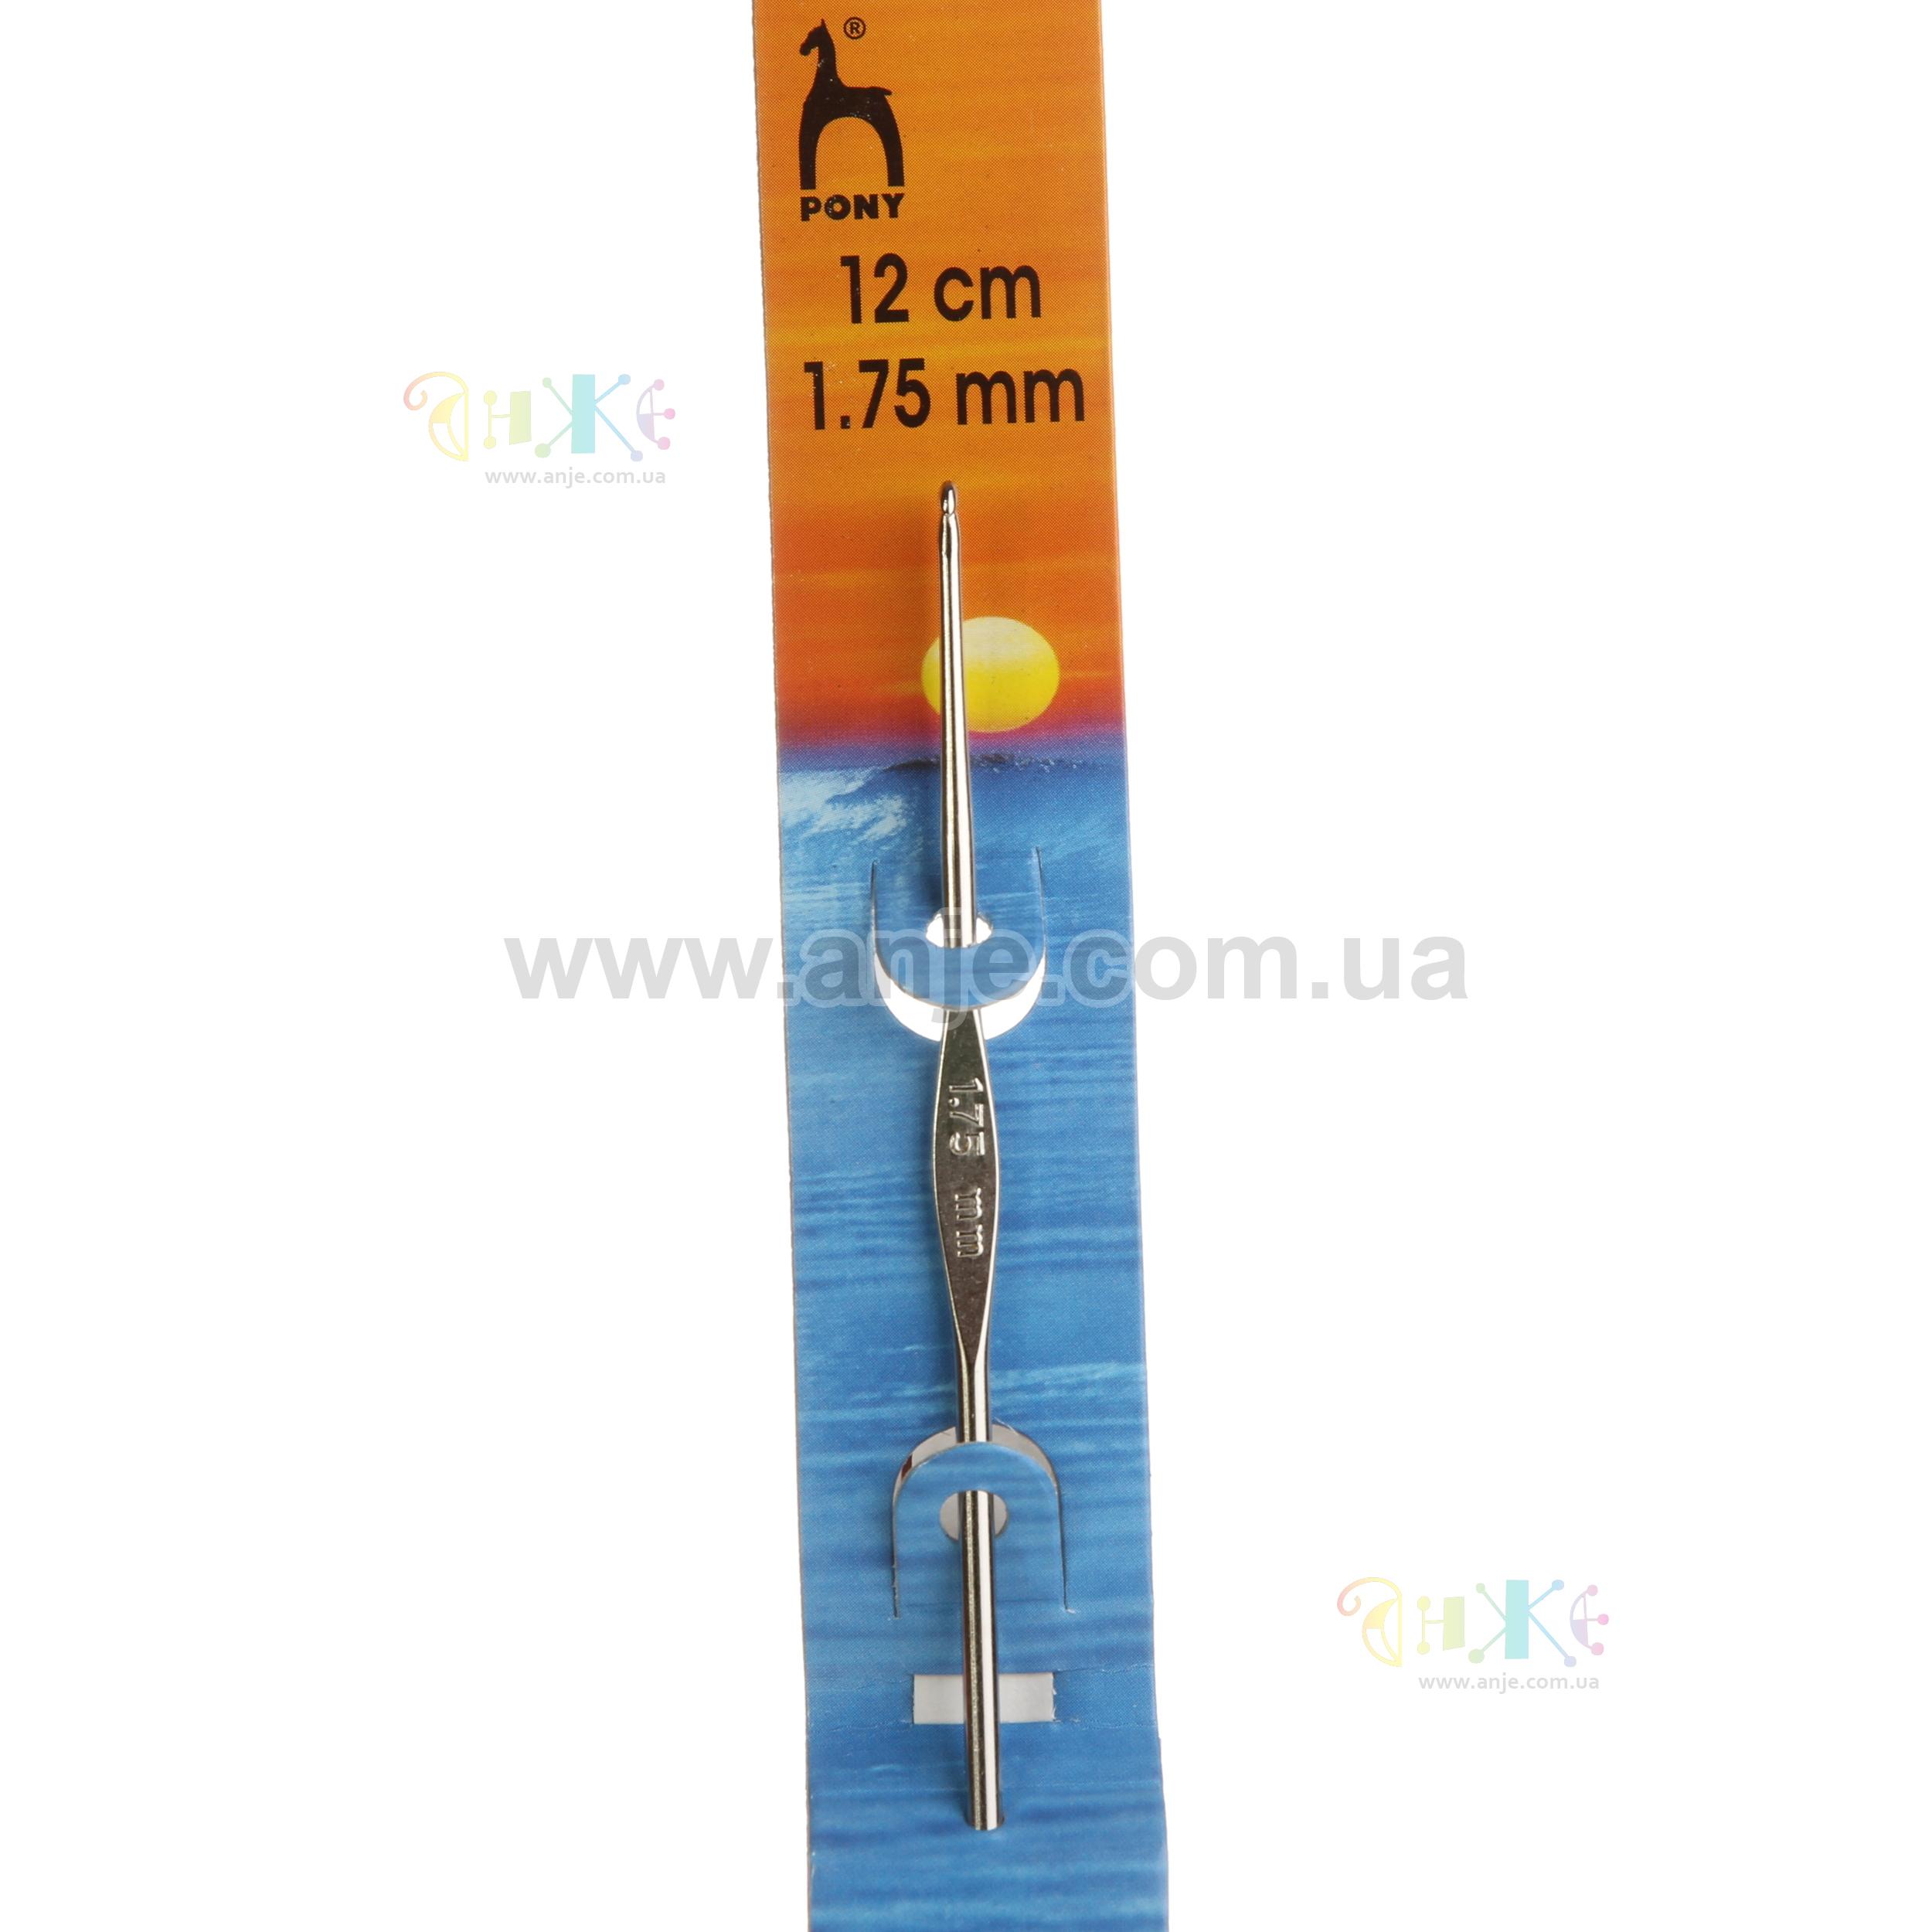 крючки Pony крючок для вязания 175 мм магазин анже